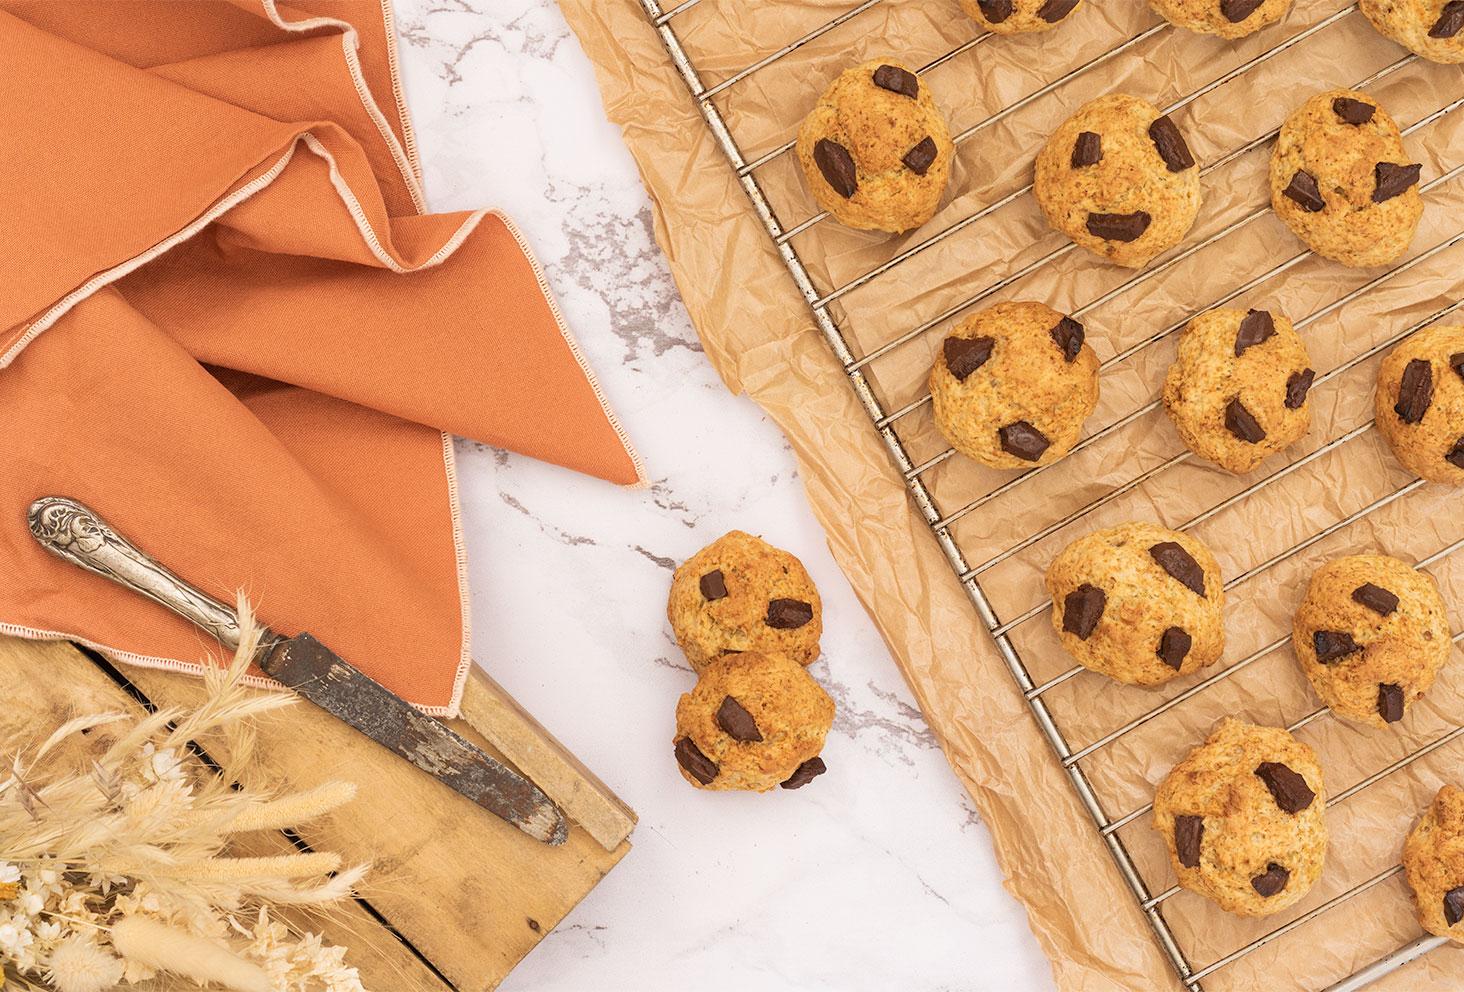 Recette de cookies sans œufs à la banane et au chocolat, sur une grille de four dans un décors vintage